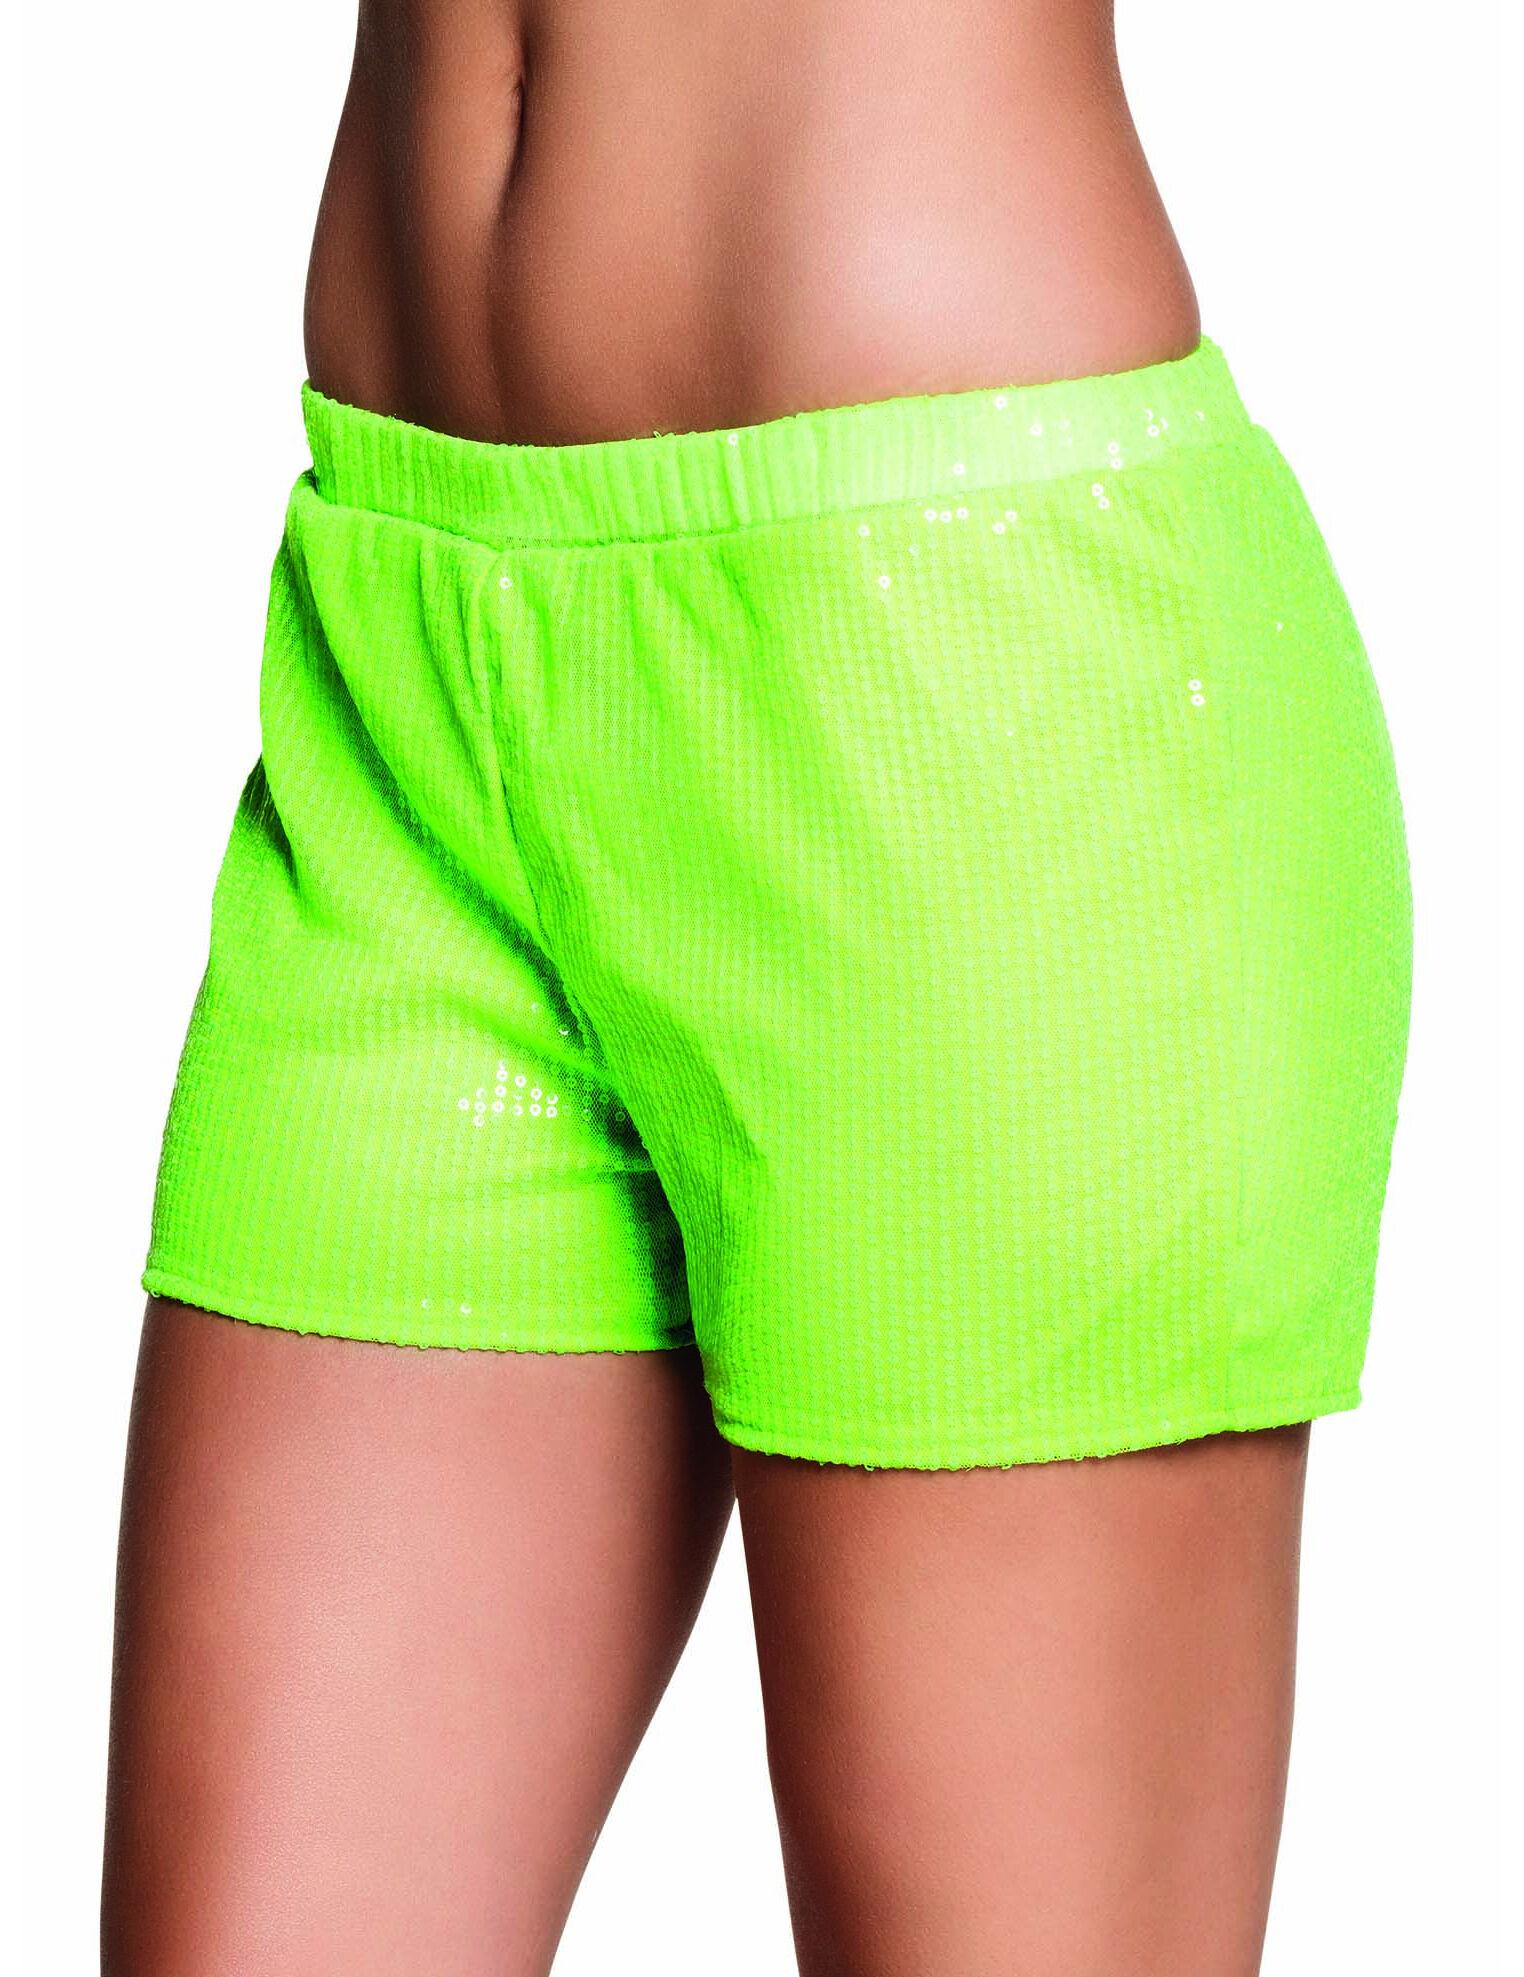 Vegaoo.es Pantalón corto lentejuelas verdes fluorescente mujer